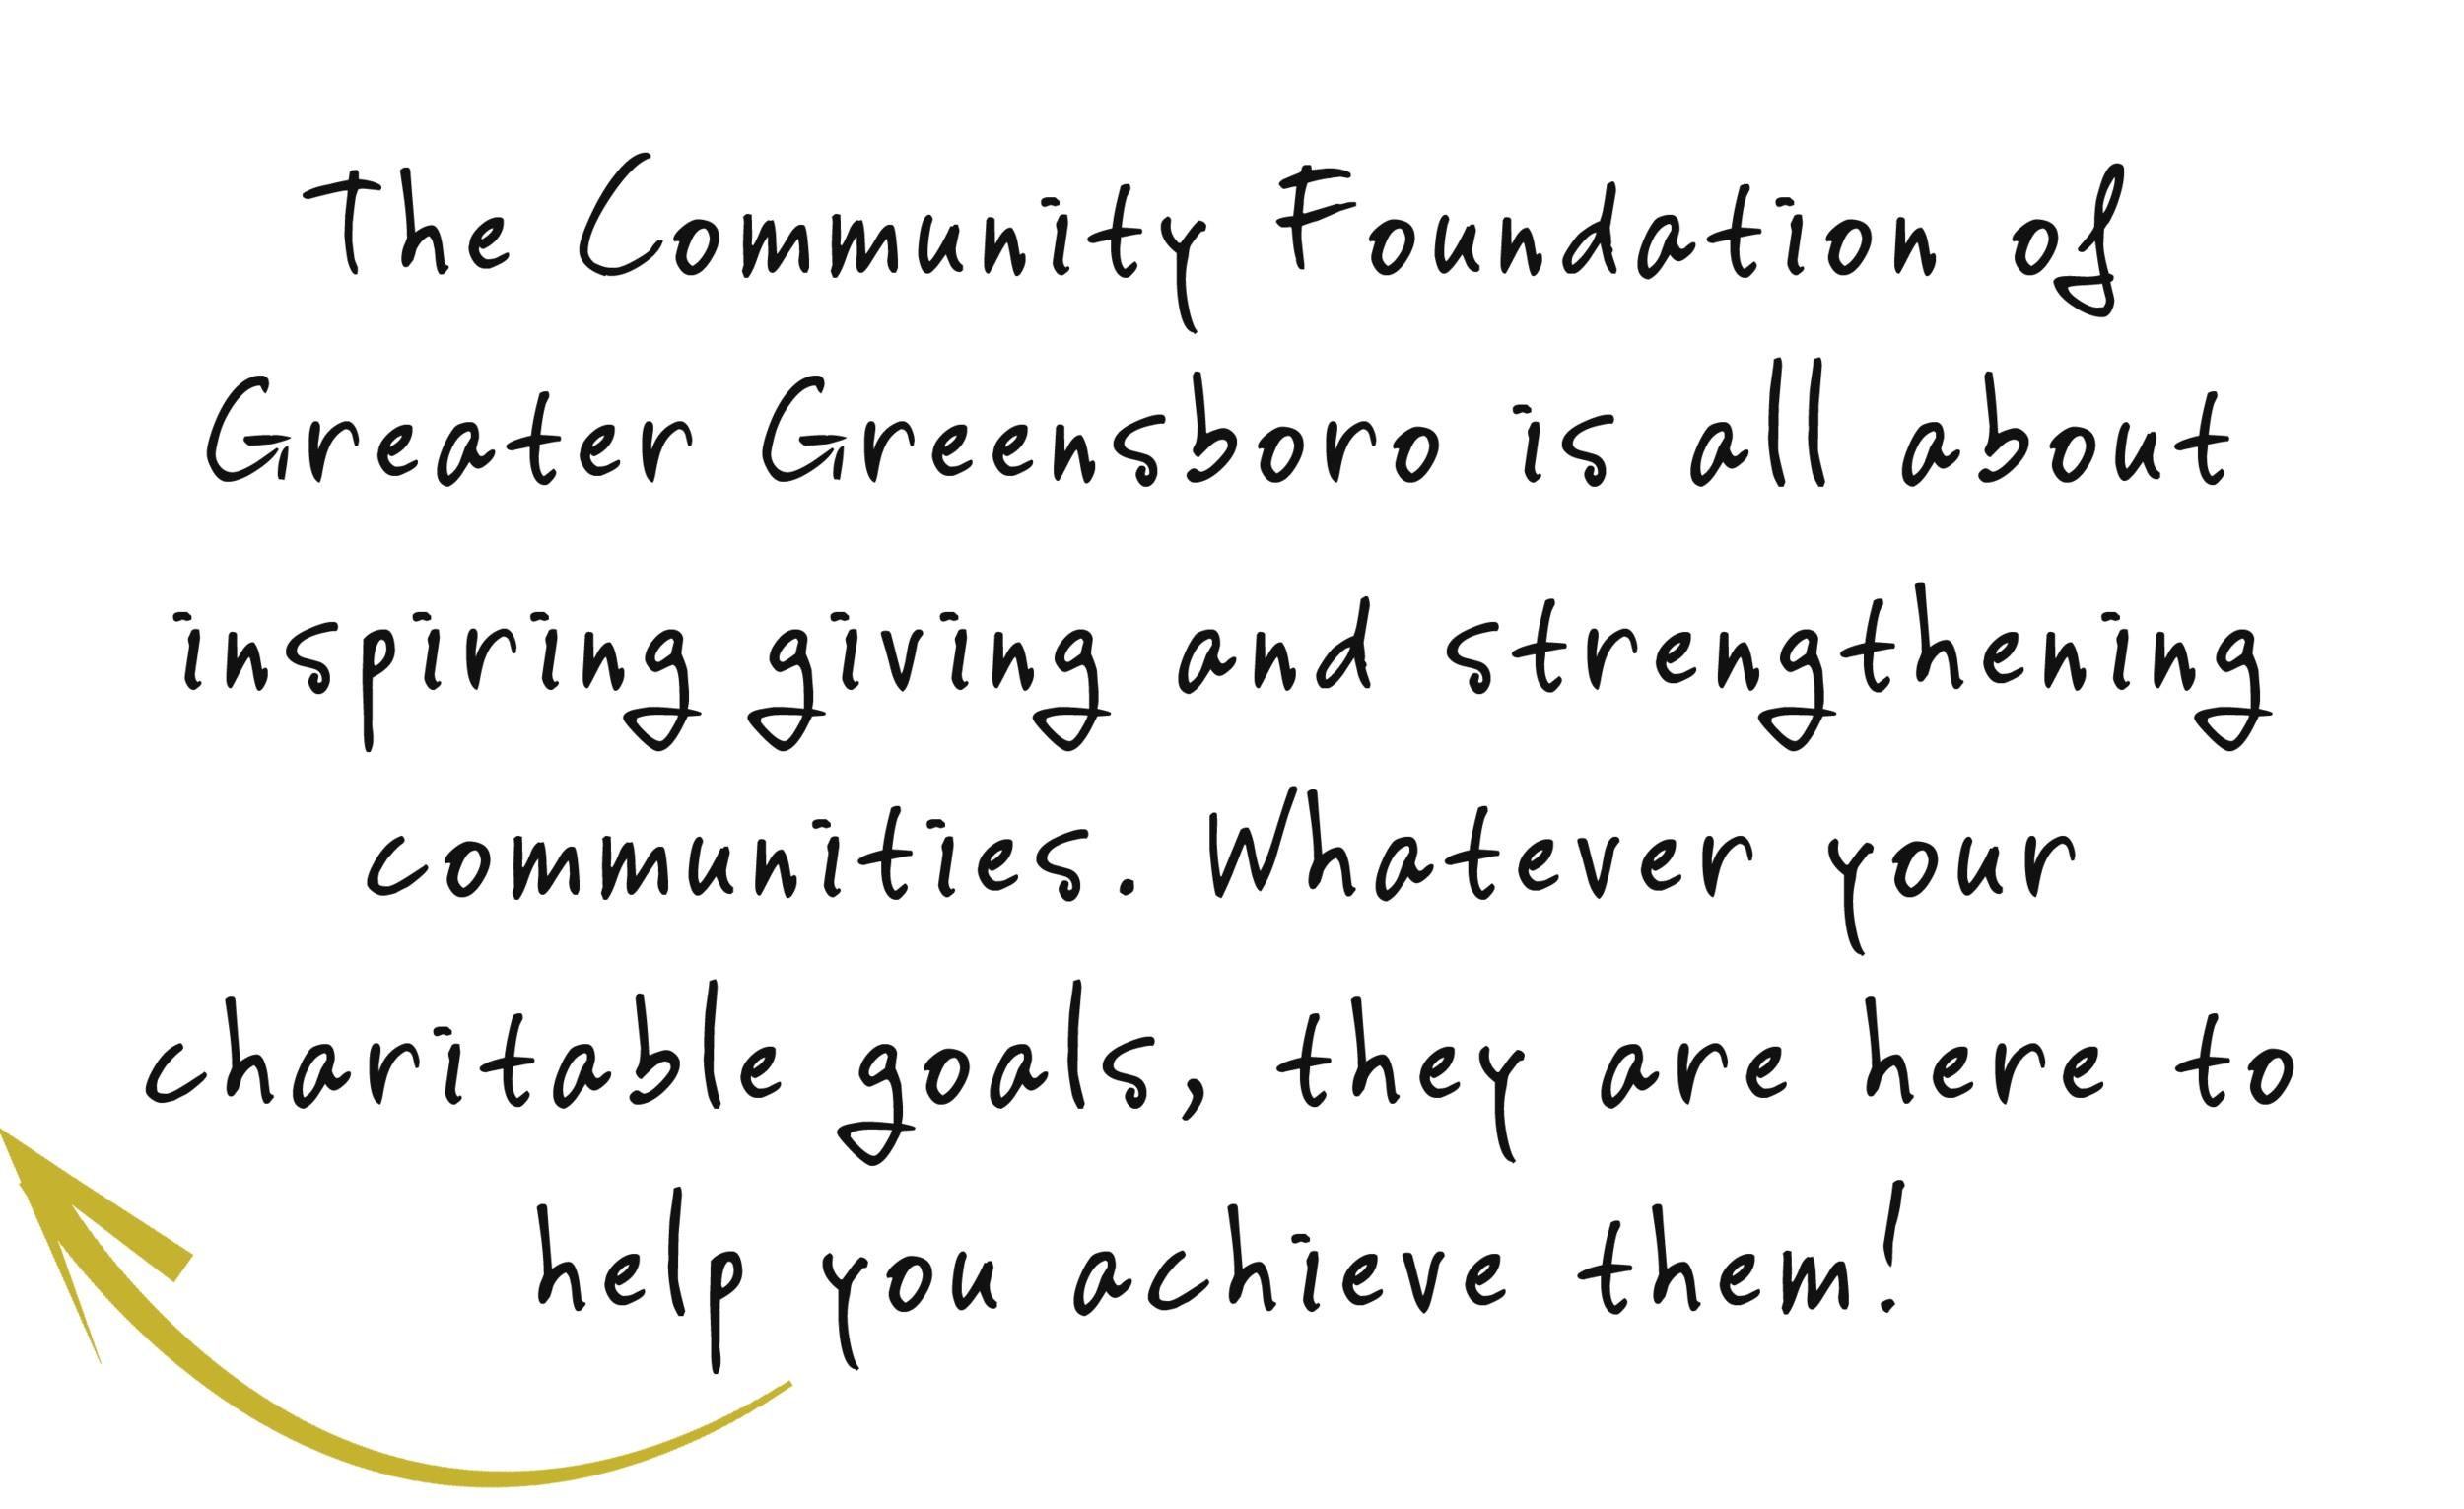 Community+Foundation+Blurb.jpg